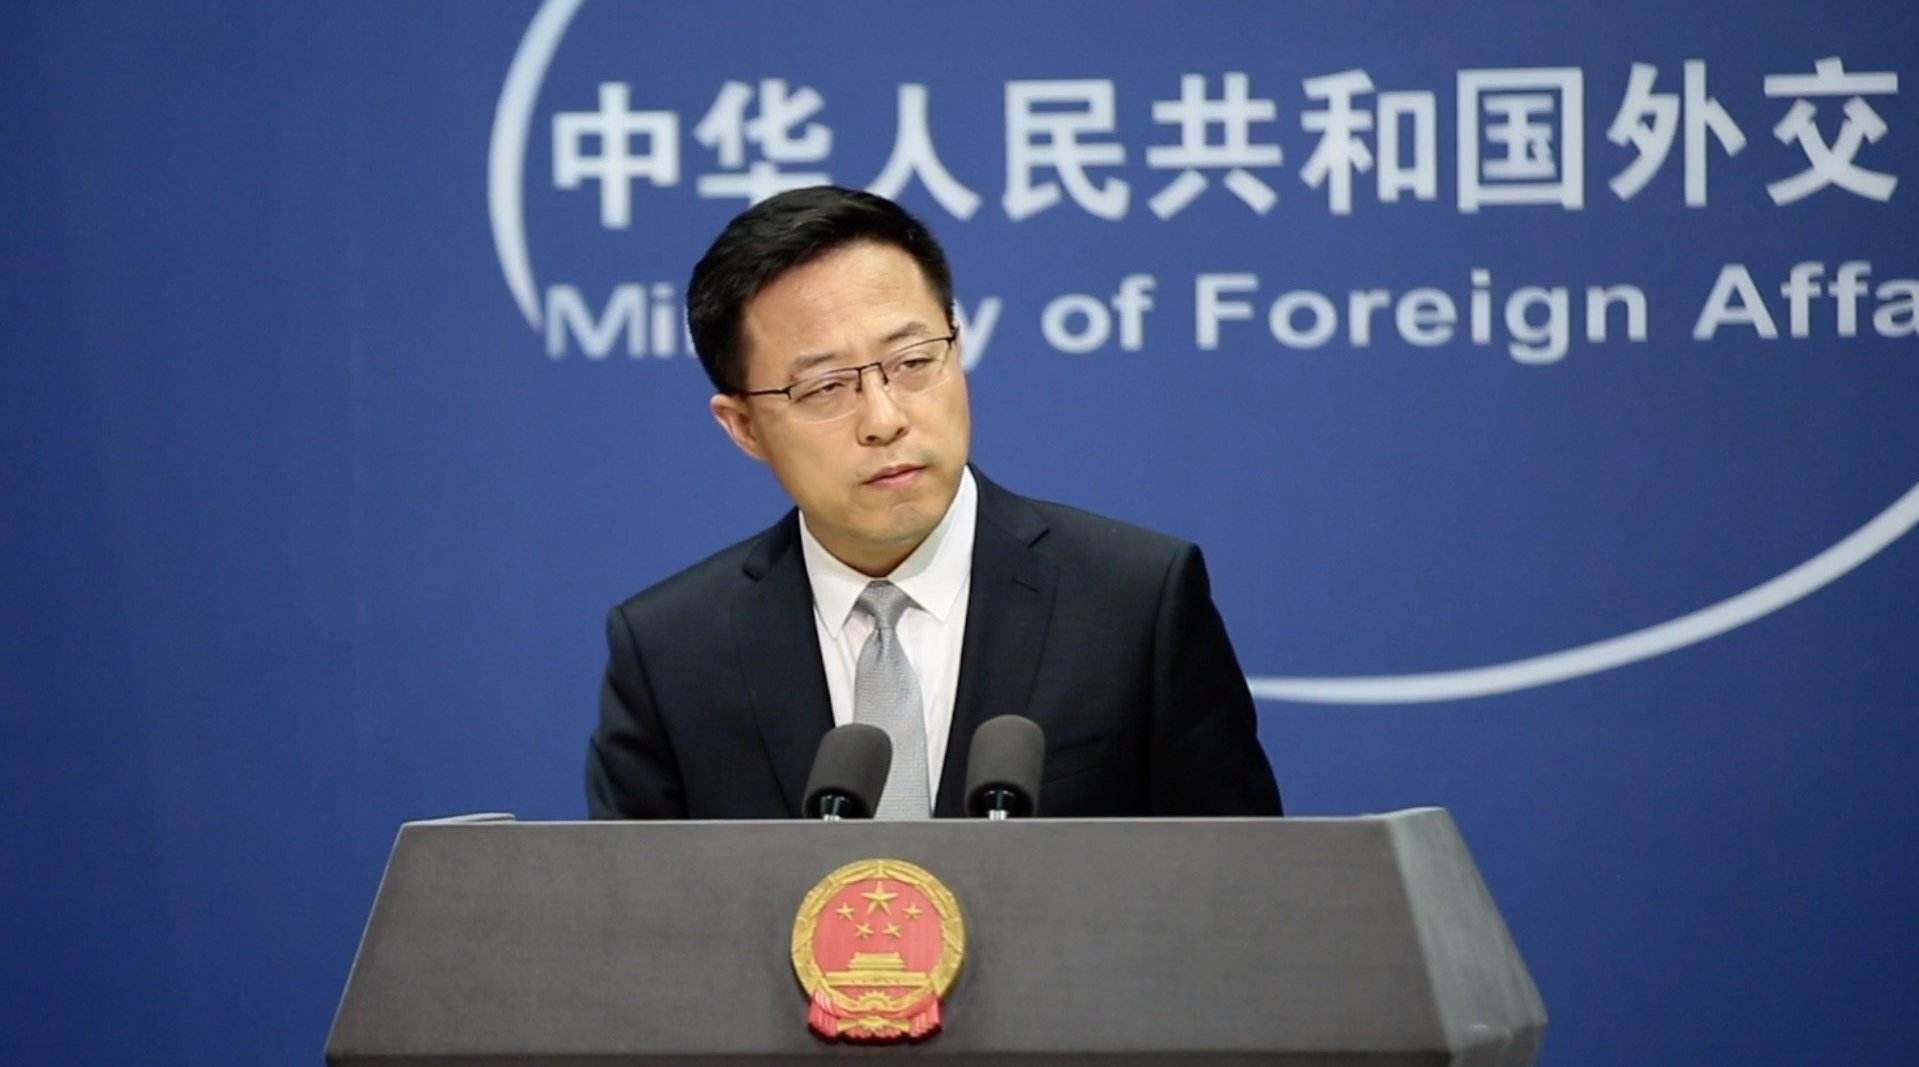 """外交部回应台湾""""驻美代表""""与拜登顾问通话:挟洋自重终遭可耻失败图片"""